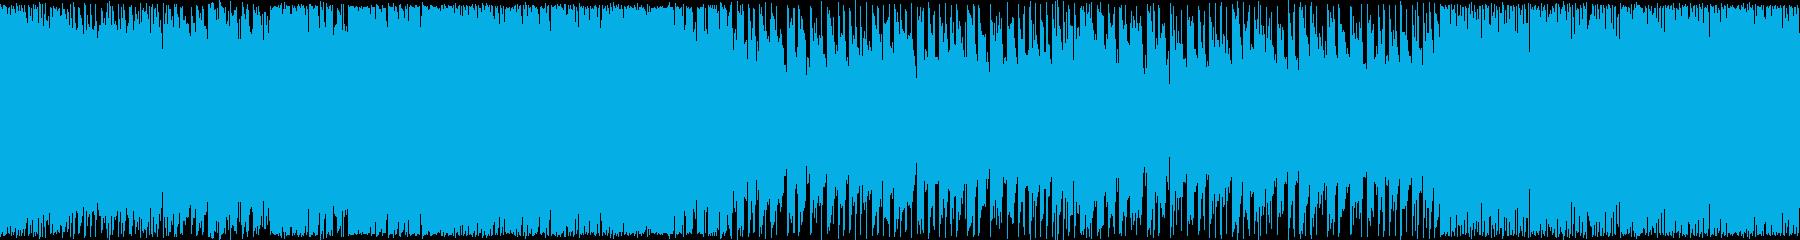 【ループBGM】ハイスピードボスラッシュの再生済みの波形